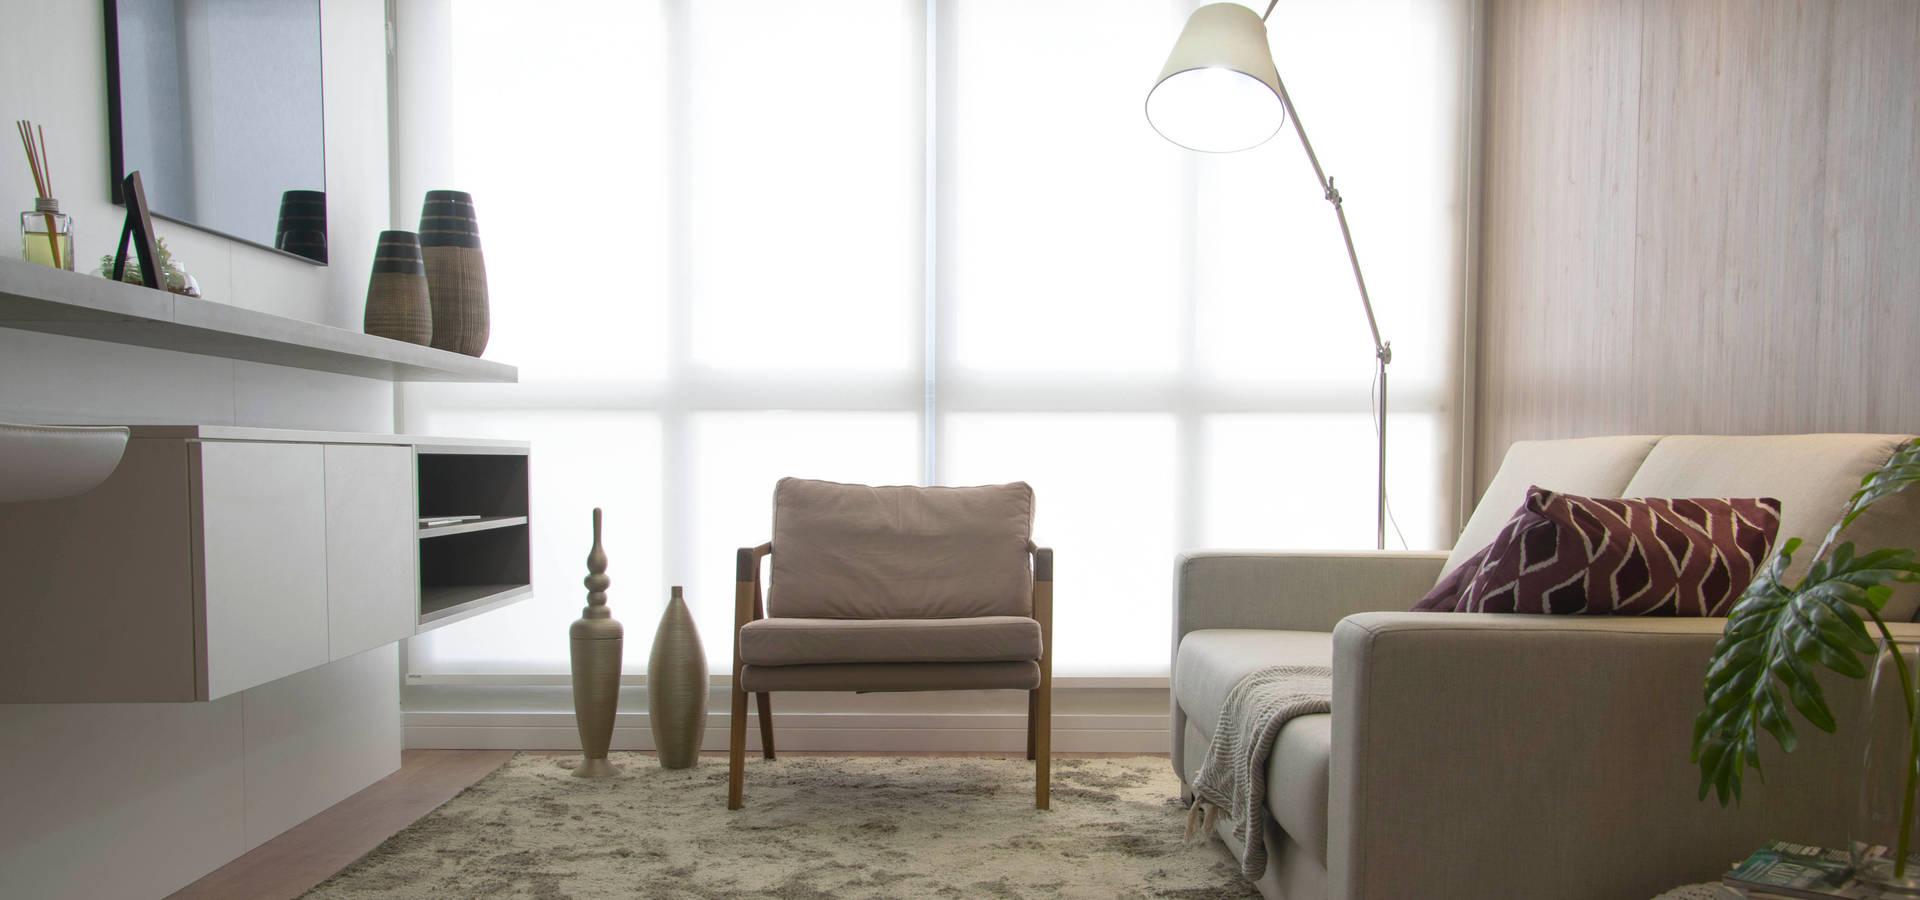 BWL—Design de Interiores